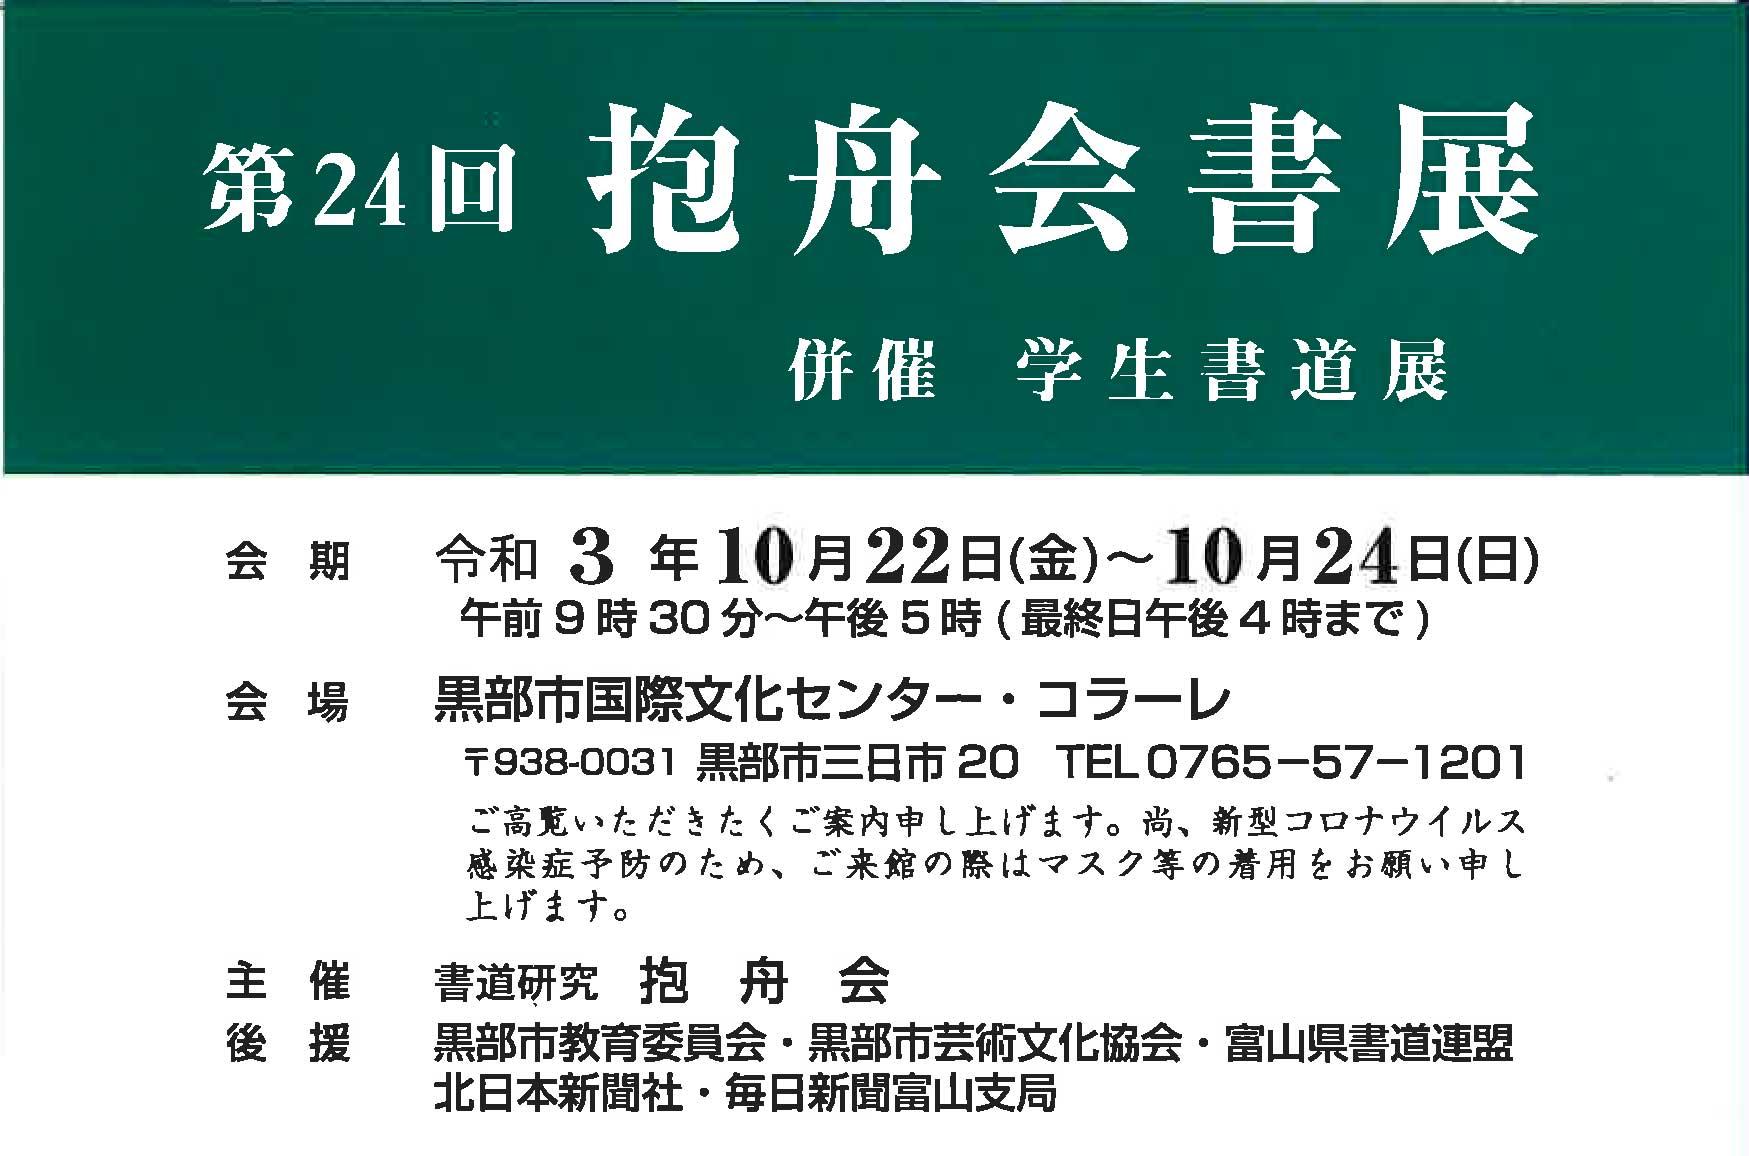 【展覧会情報】第24回 抱舟会書展